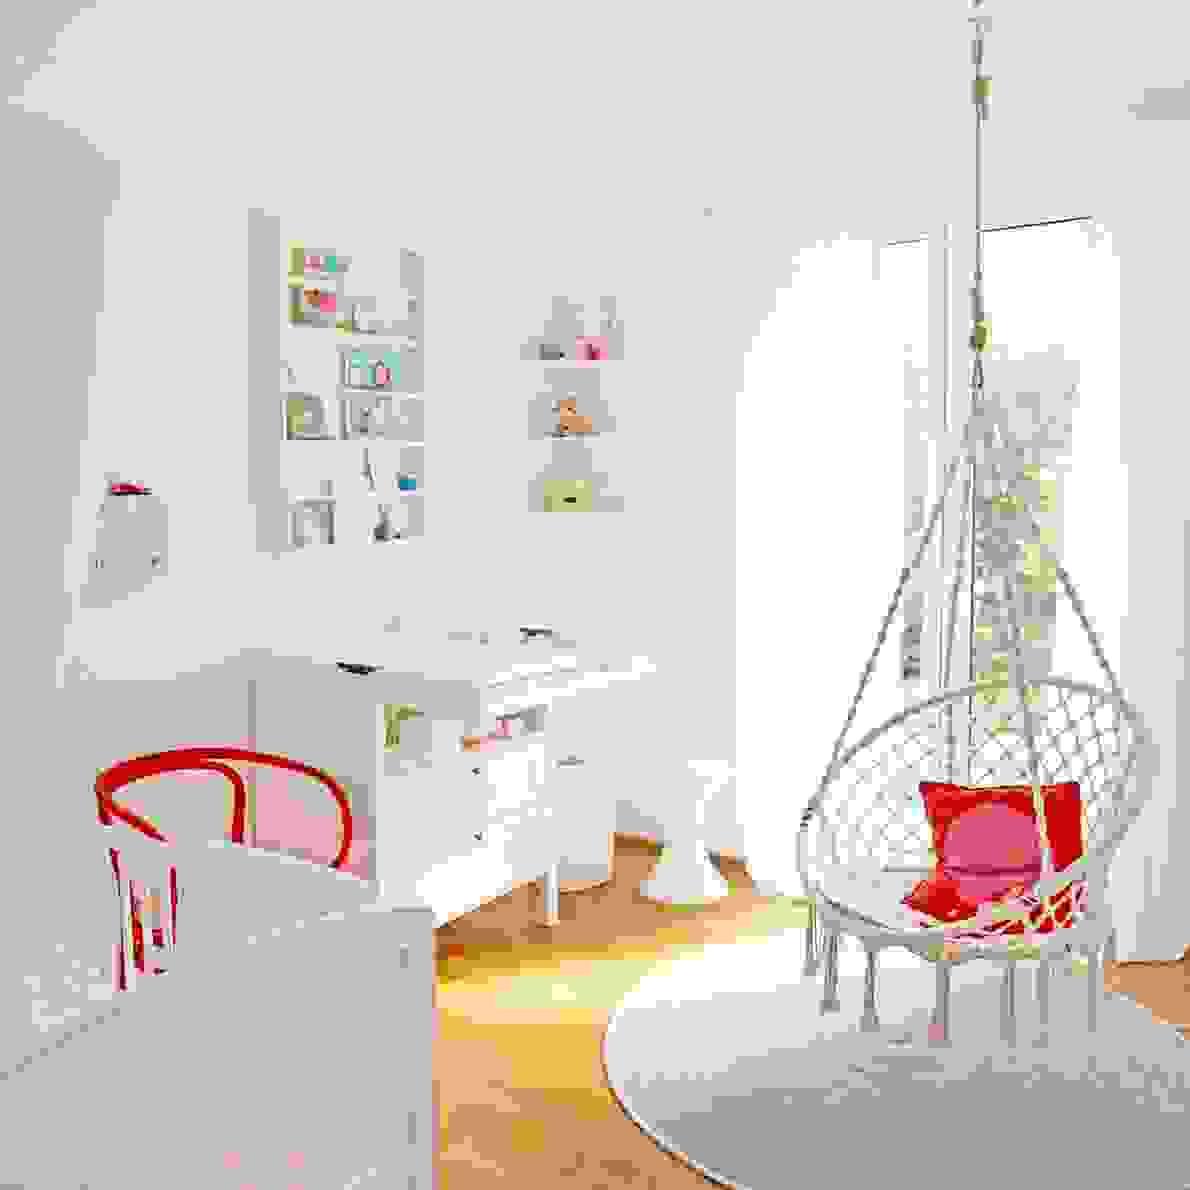 Ideen Für Das Ikea Stuva Kinderzimmer Einrichtungssystem von Kleines Kinderzimmer Für 2 Bild